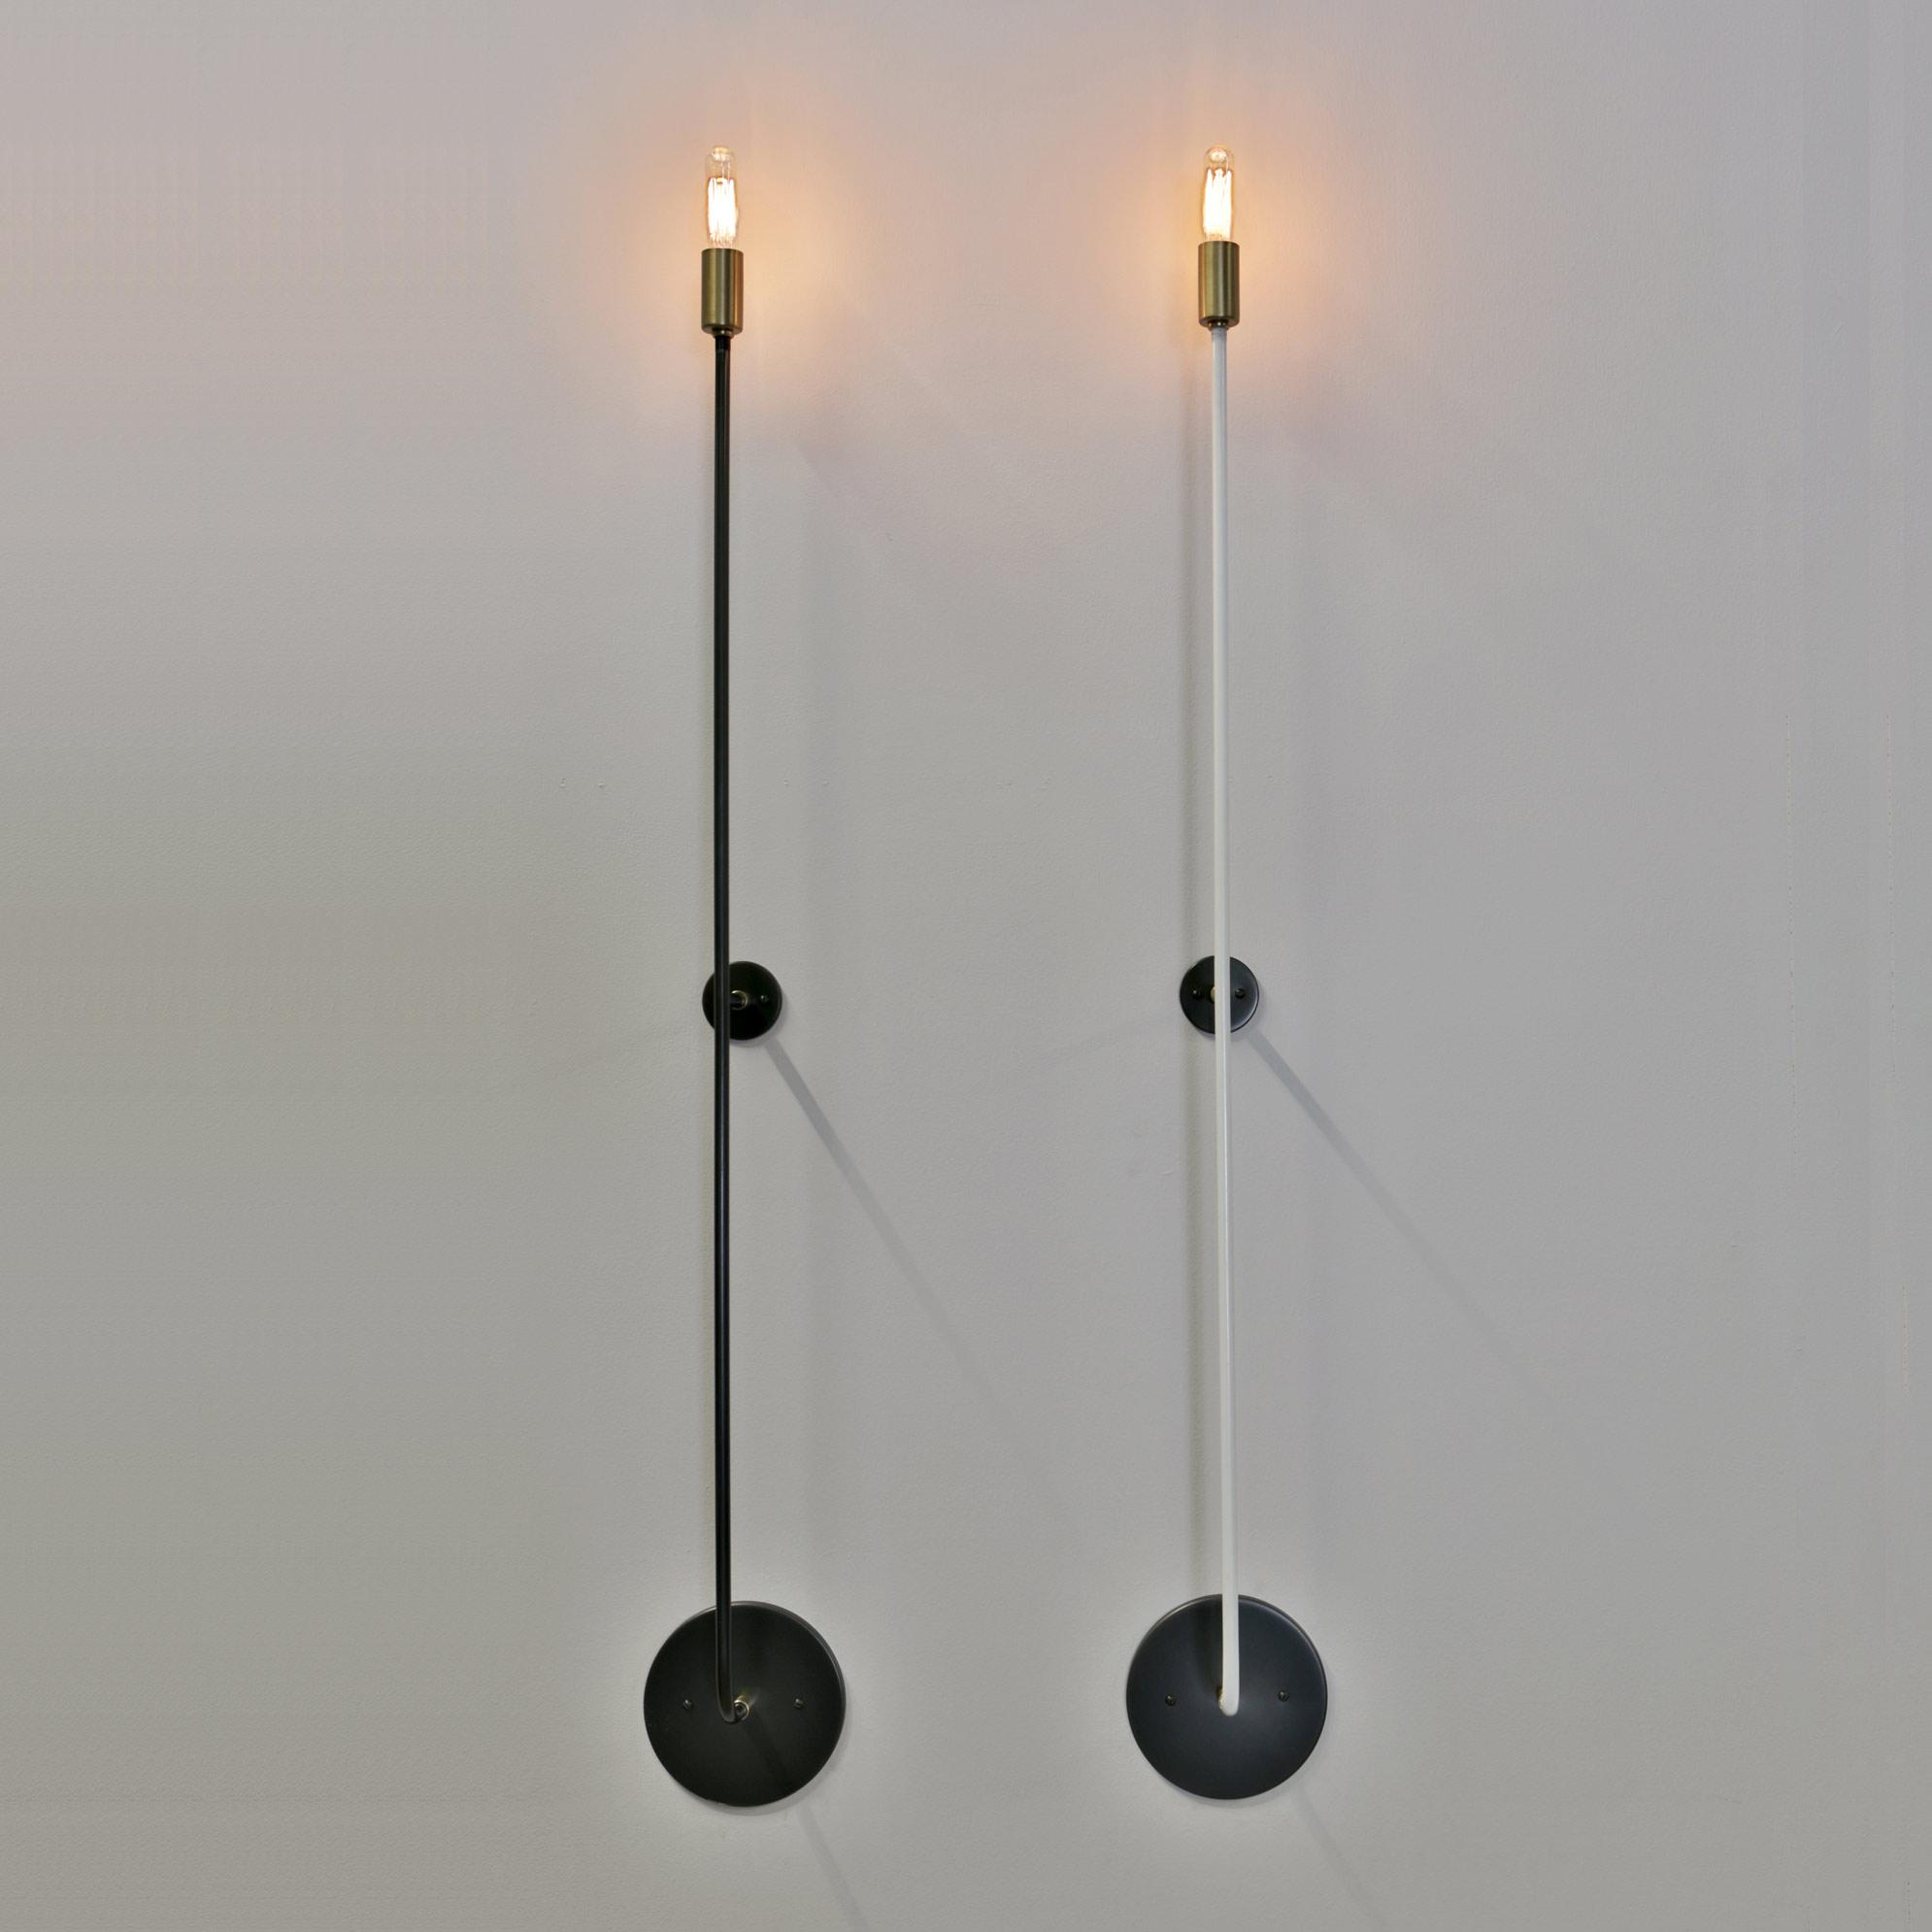 Stick Wall Light By John Beck Steel Jbsl Scb 38 Hw